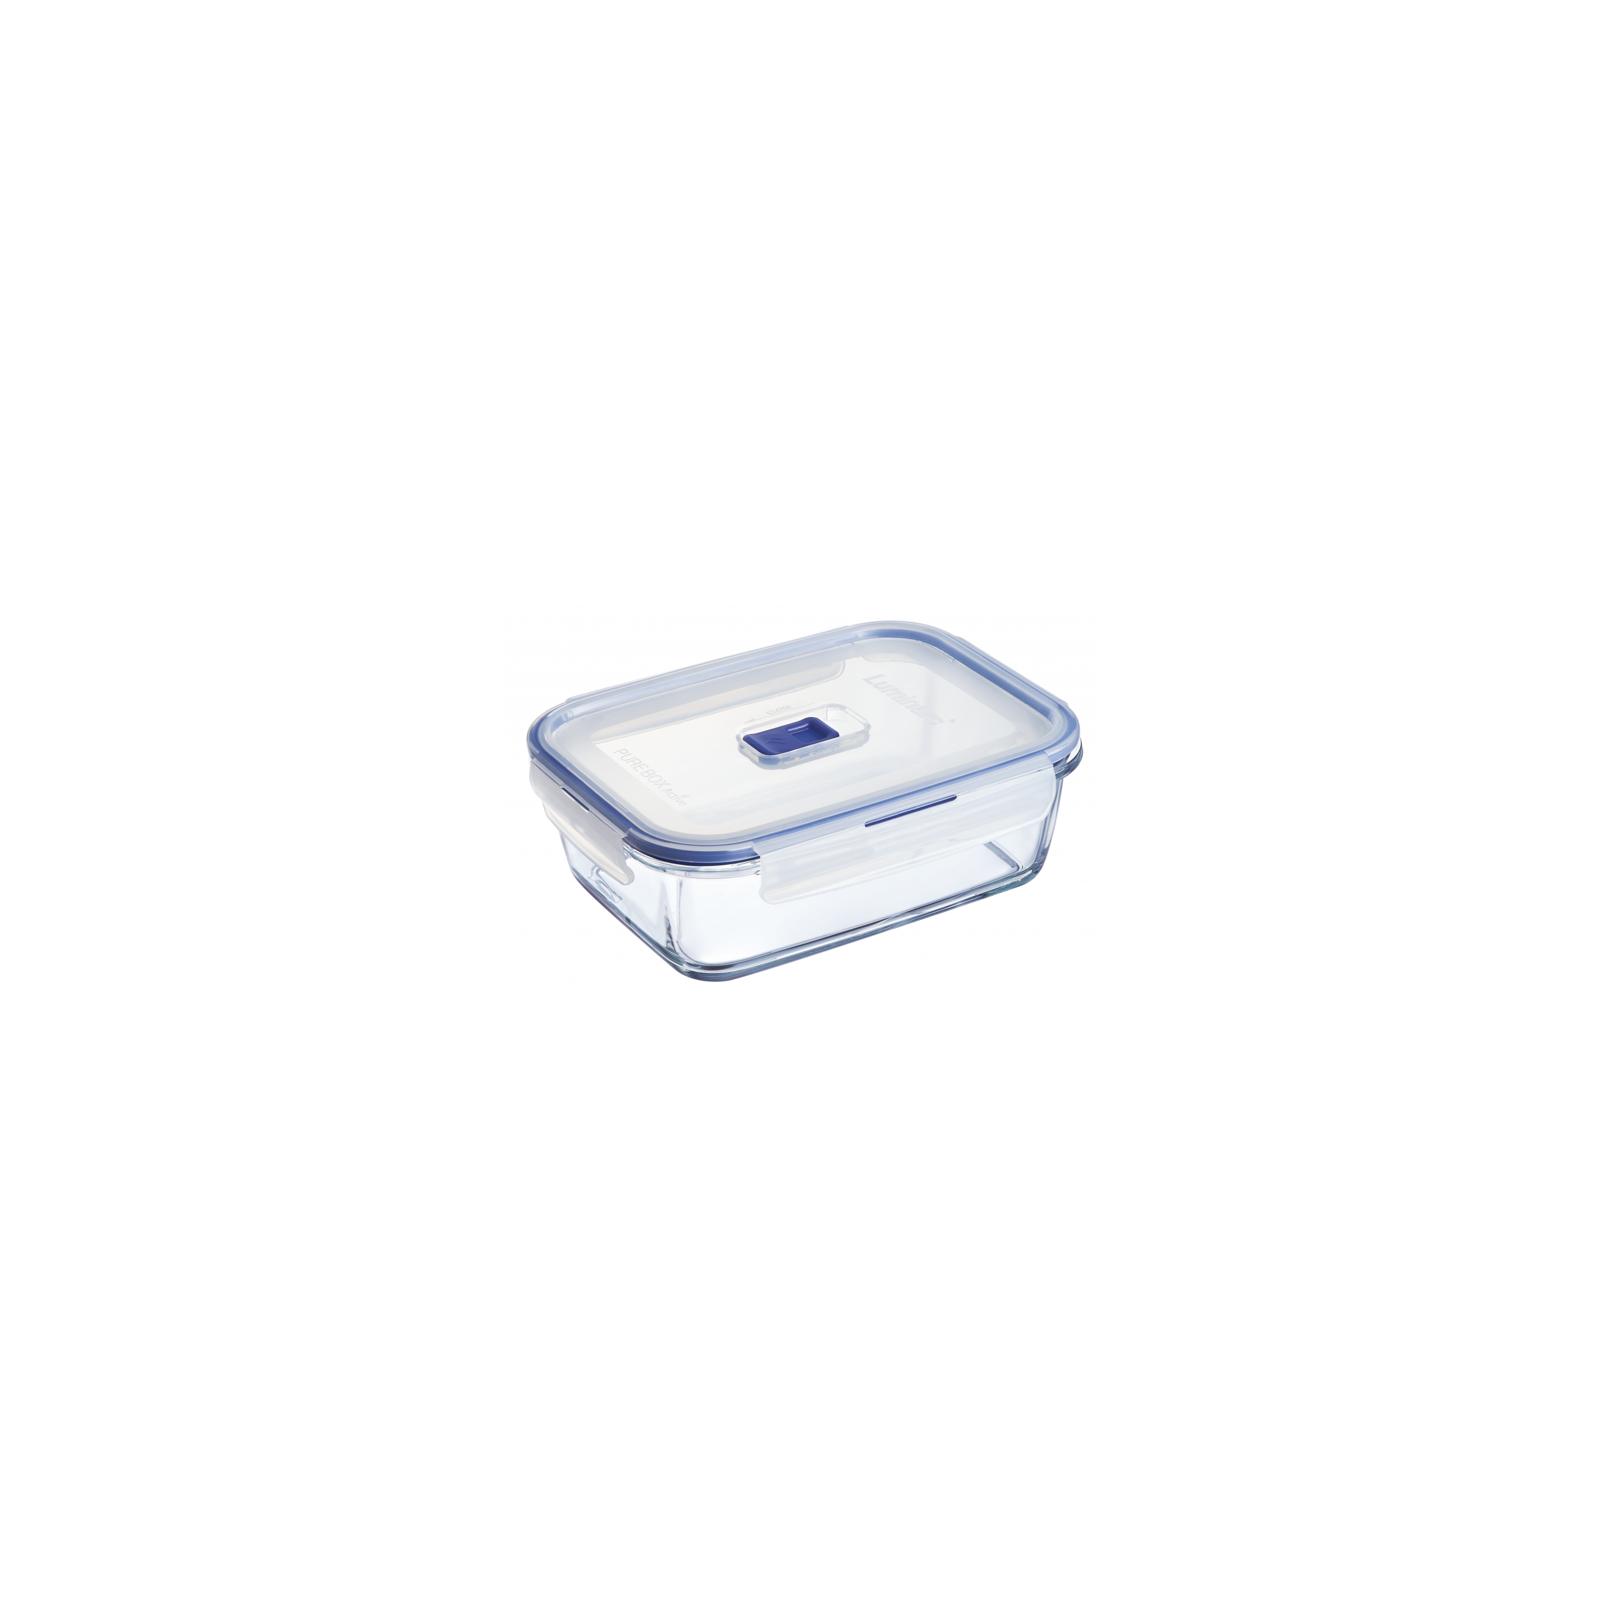 Пищевой контейнер Luminarc Pure Box Active набор 2шт прямоуг. 820мл/1220мл (P5505) изображение 3